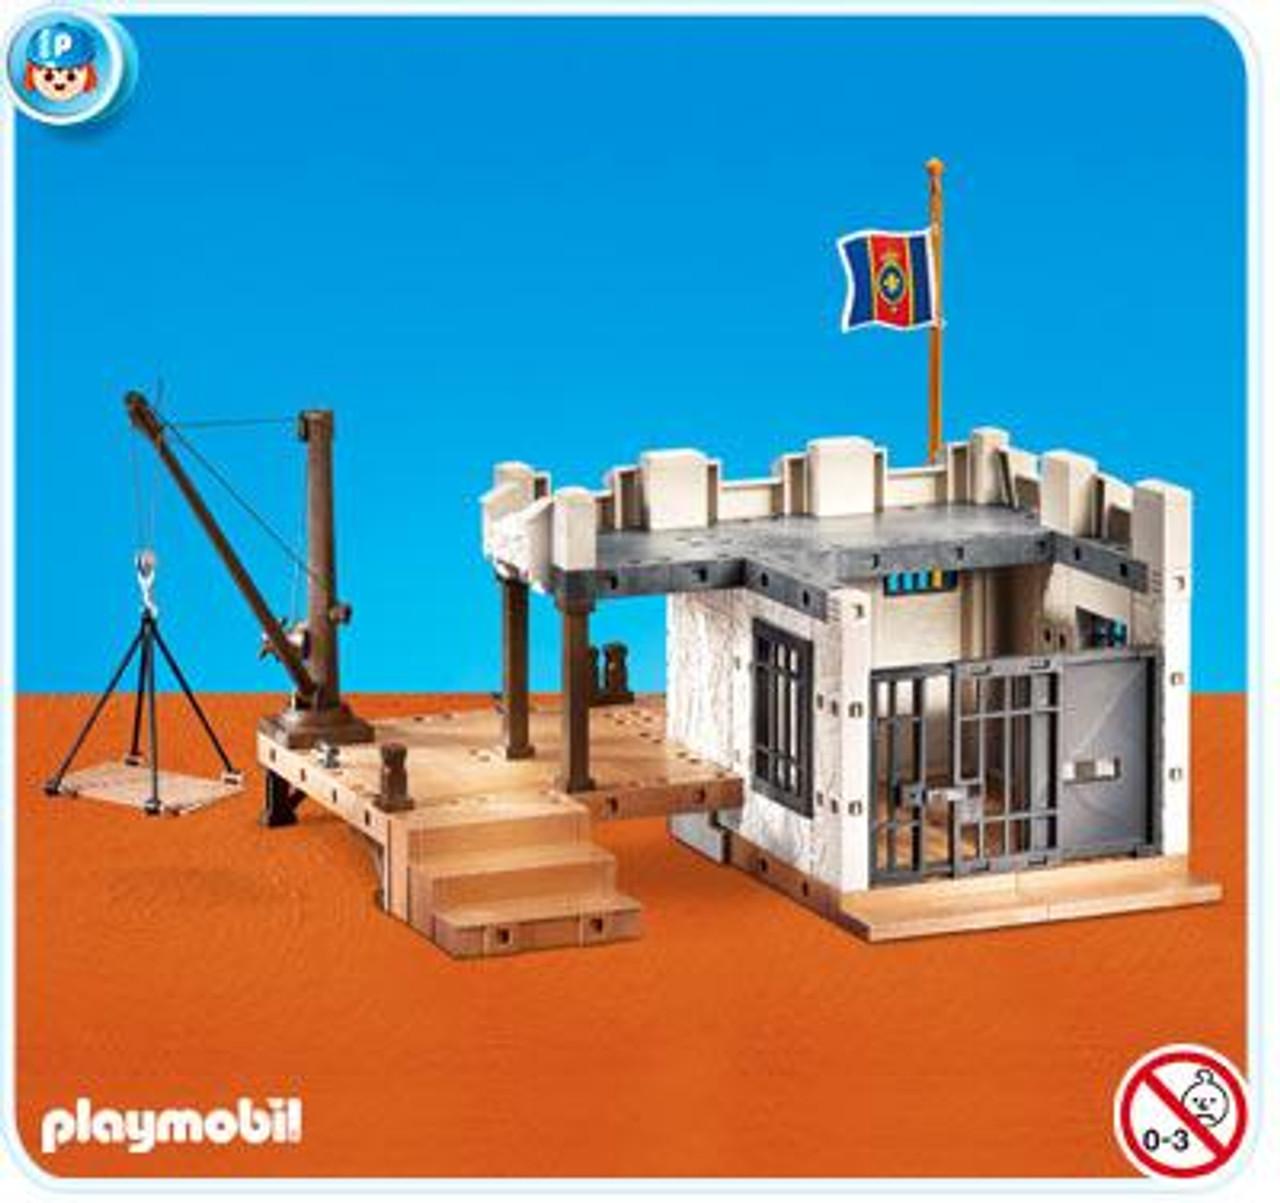 Playmobil Pirates Prison Fortress Set #7376